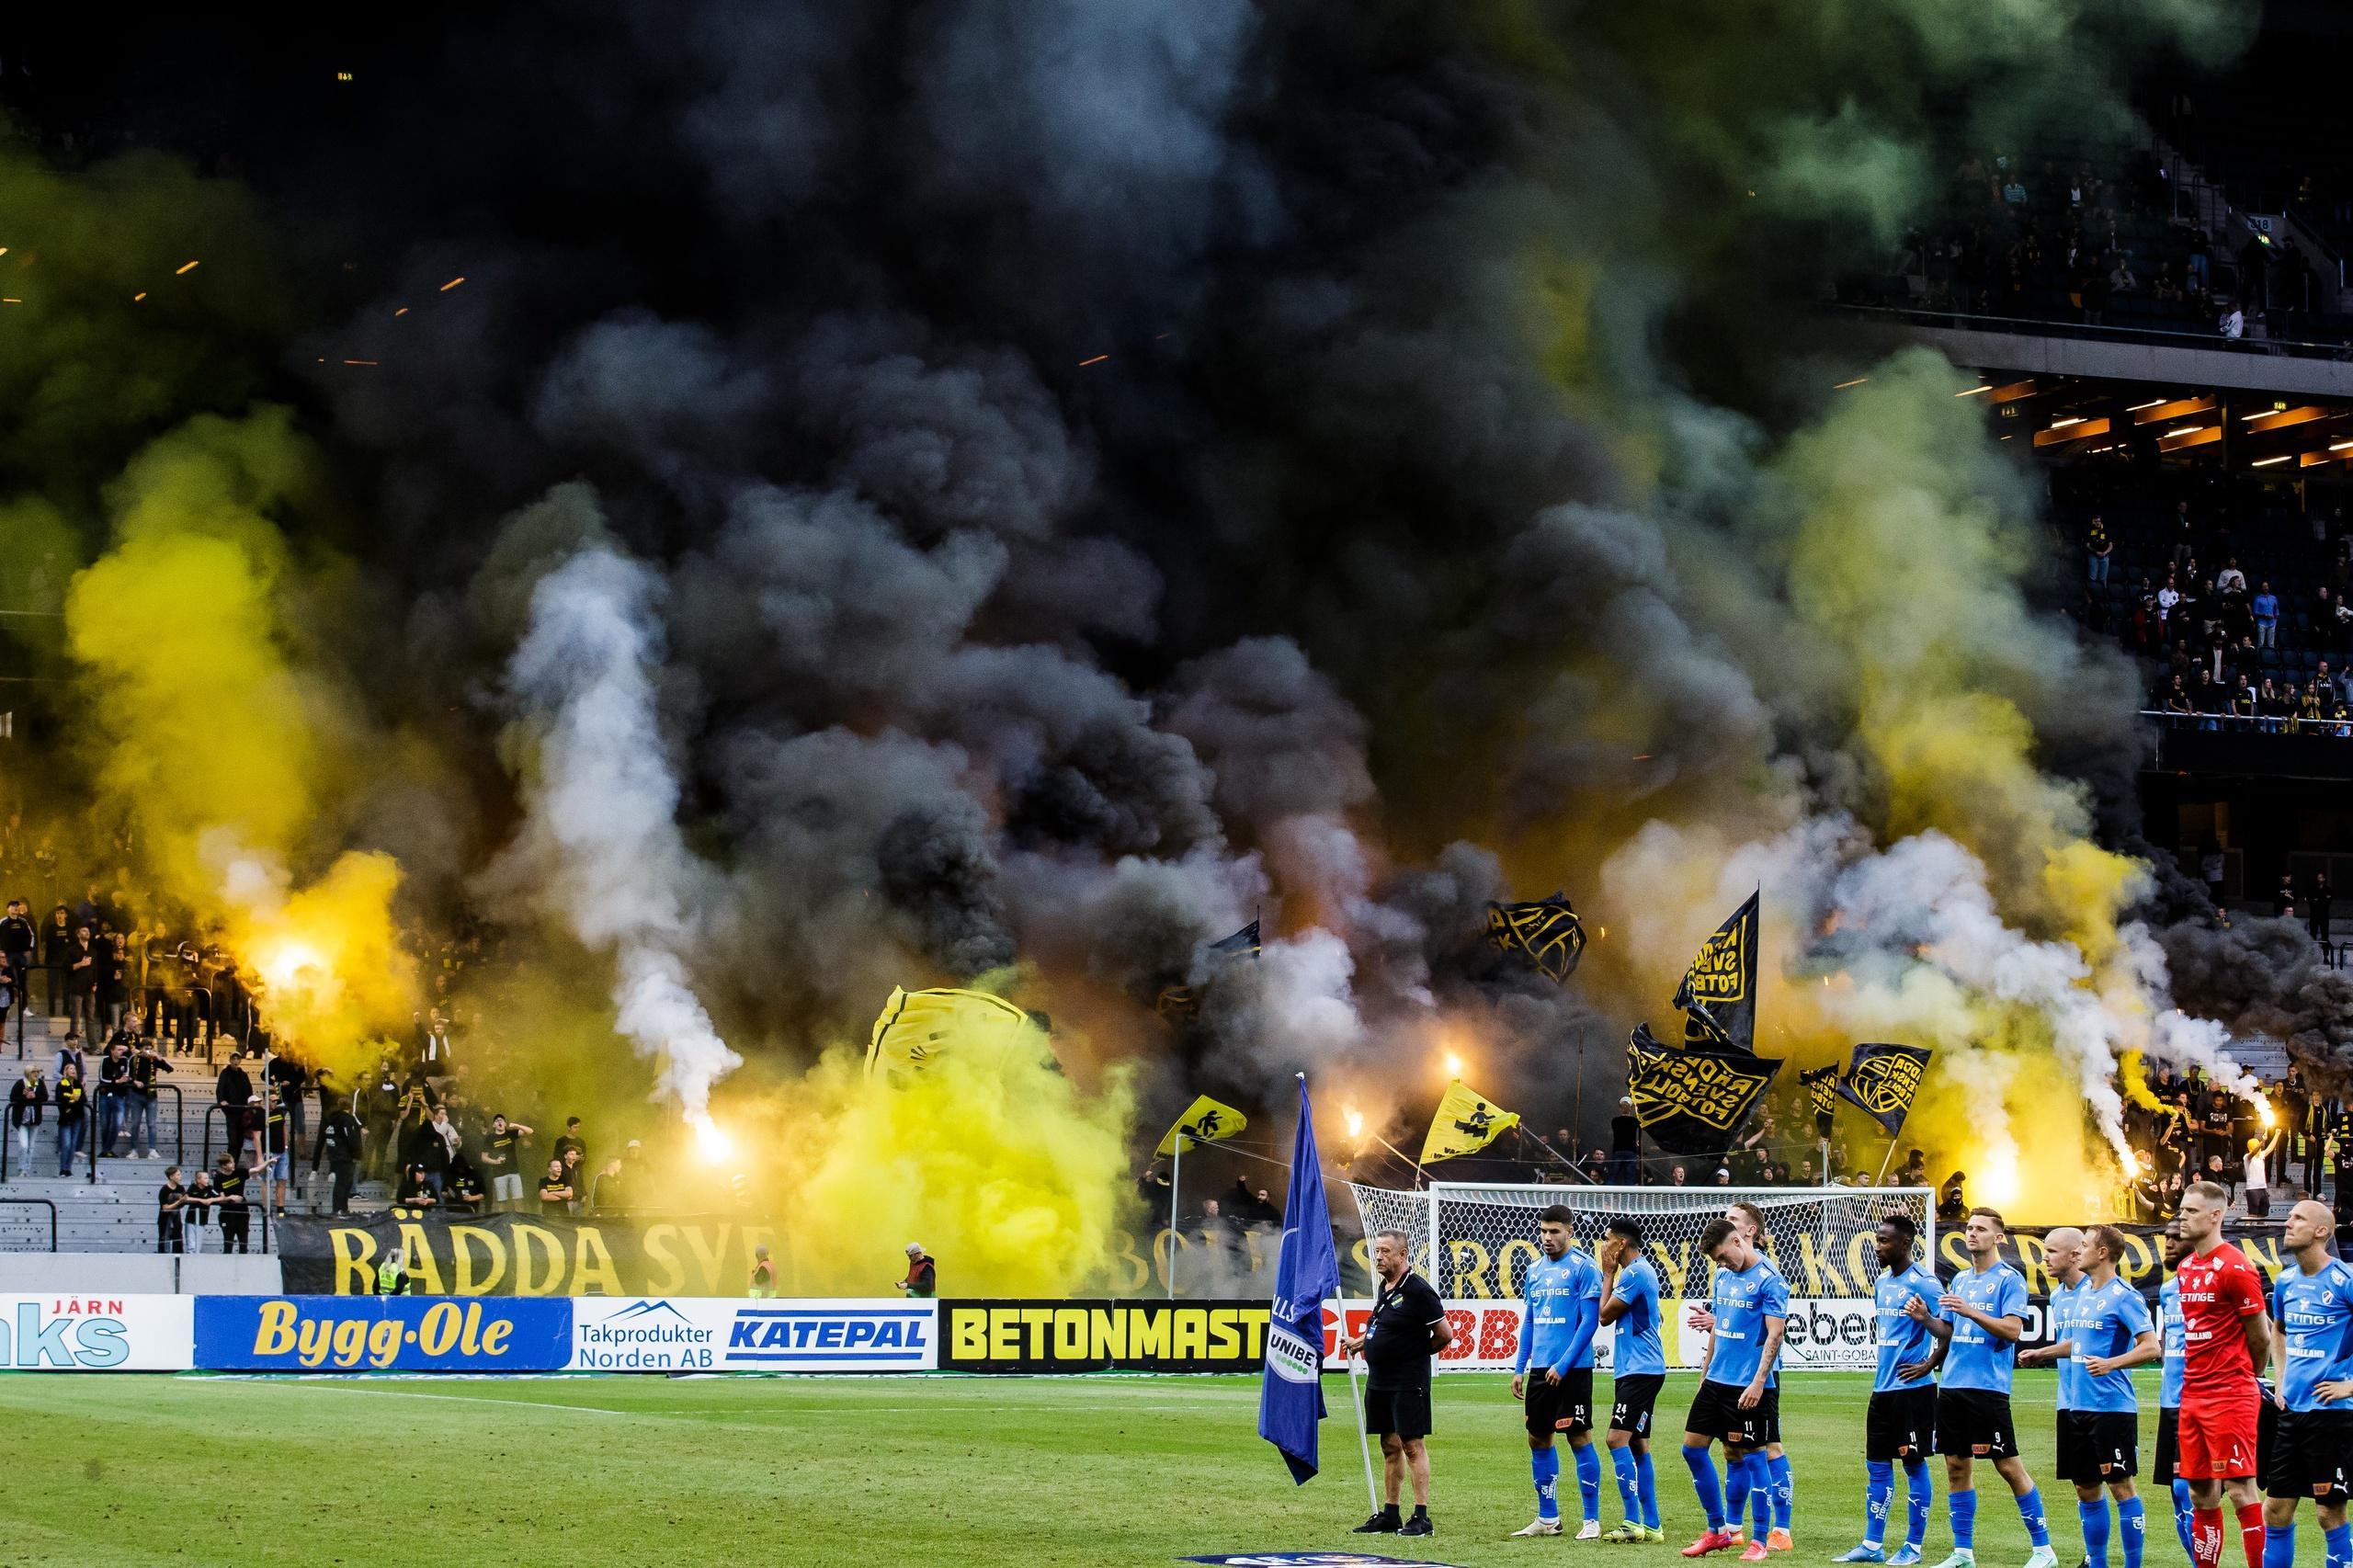 Liverapport: Så var det allsvenska mötet mellan AIK och HBK